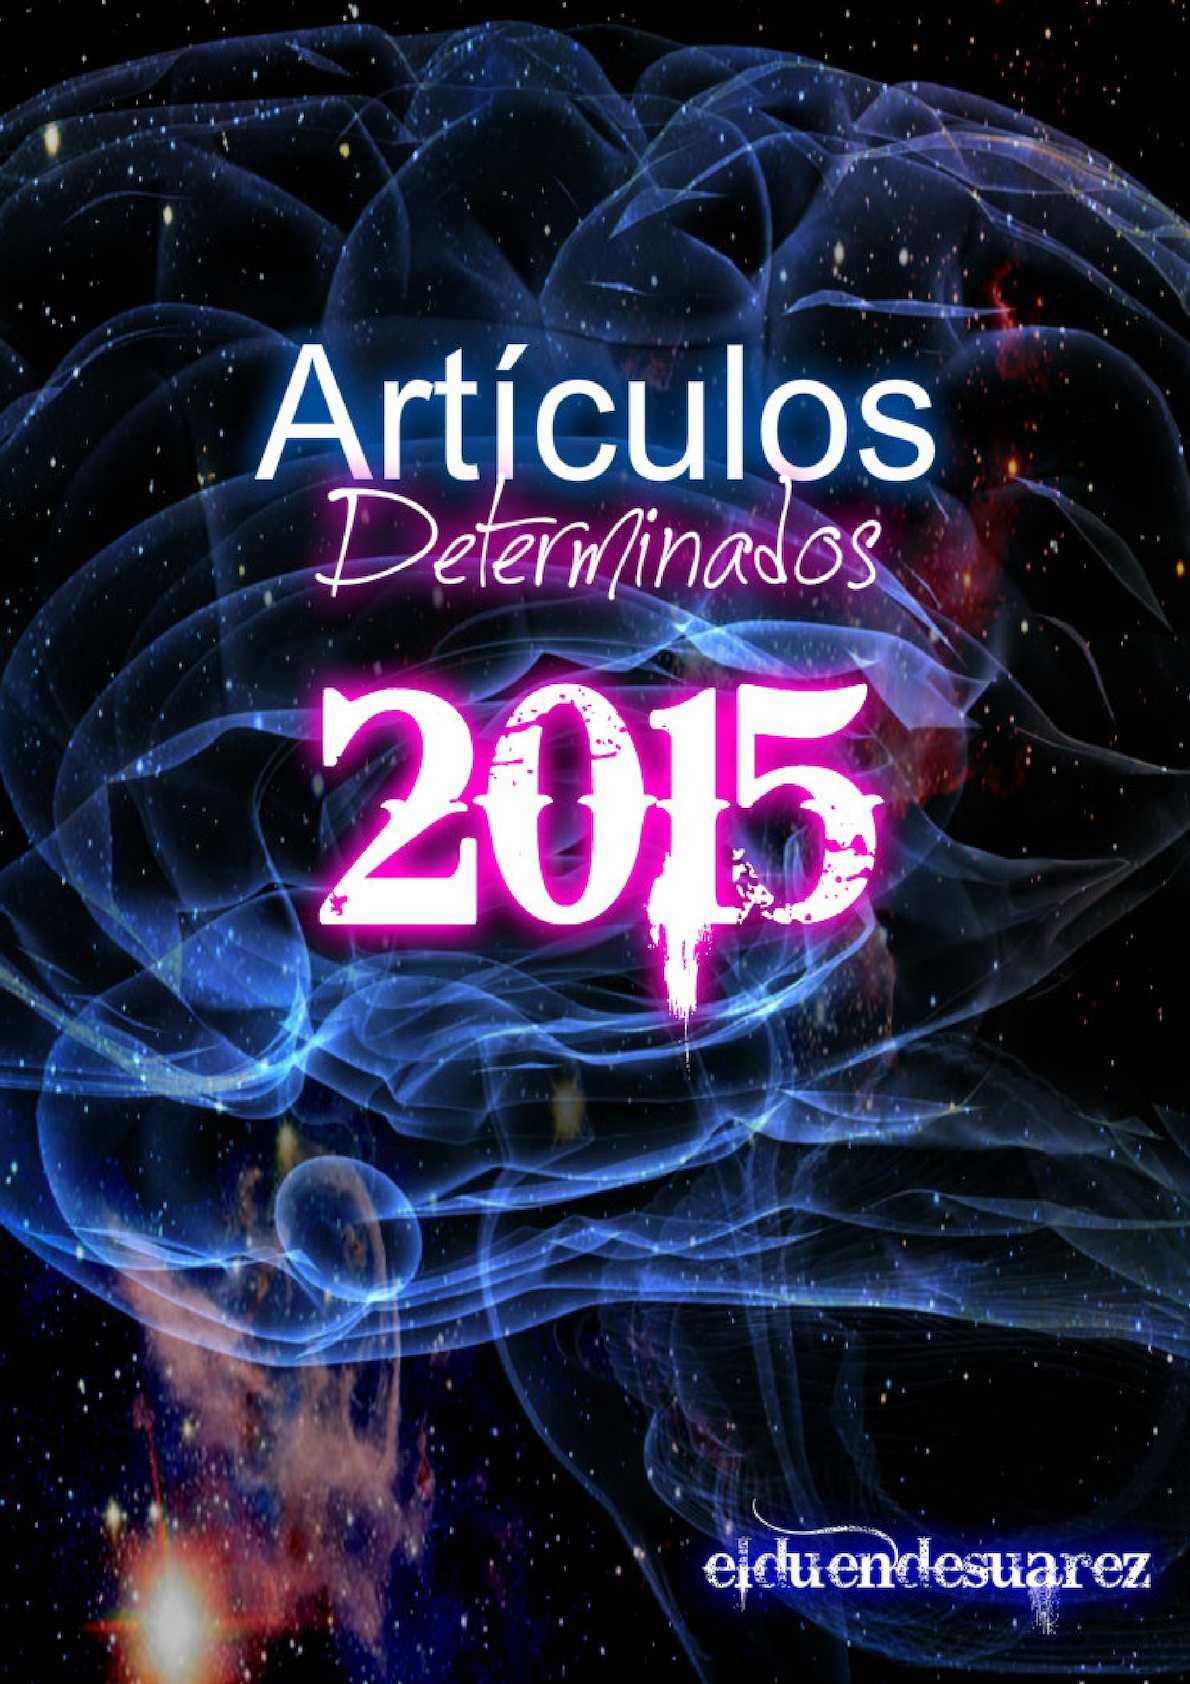 2015 2015 Determinados Calaméo Calaméo Artículos Artículos Artículos Determinados 2015 Determinados Artículos Calaméo Calaméo KTlFJc31